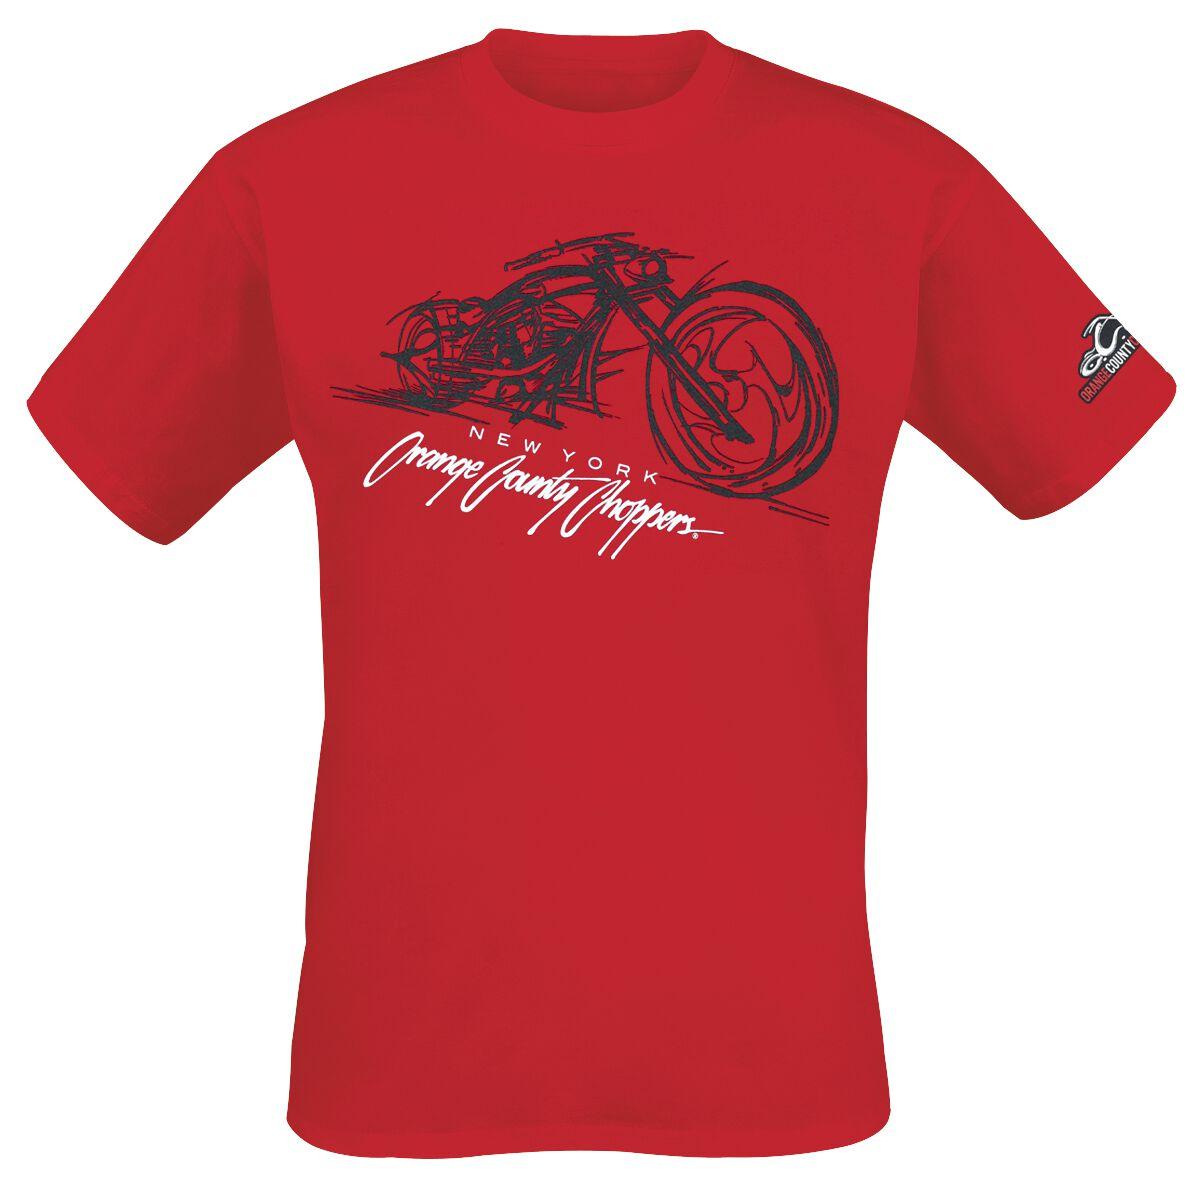 Marki - Koszulki - T-Shirt Orange County Choppers Bike Render T-Shirt czerwony - 367198